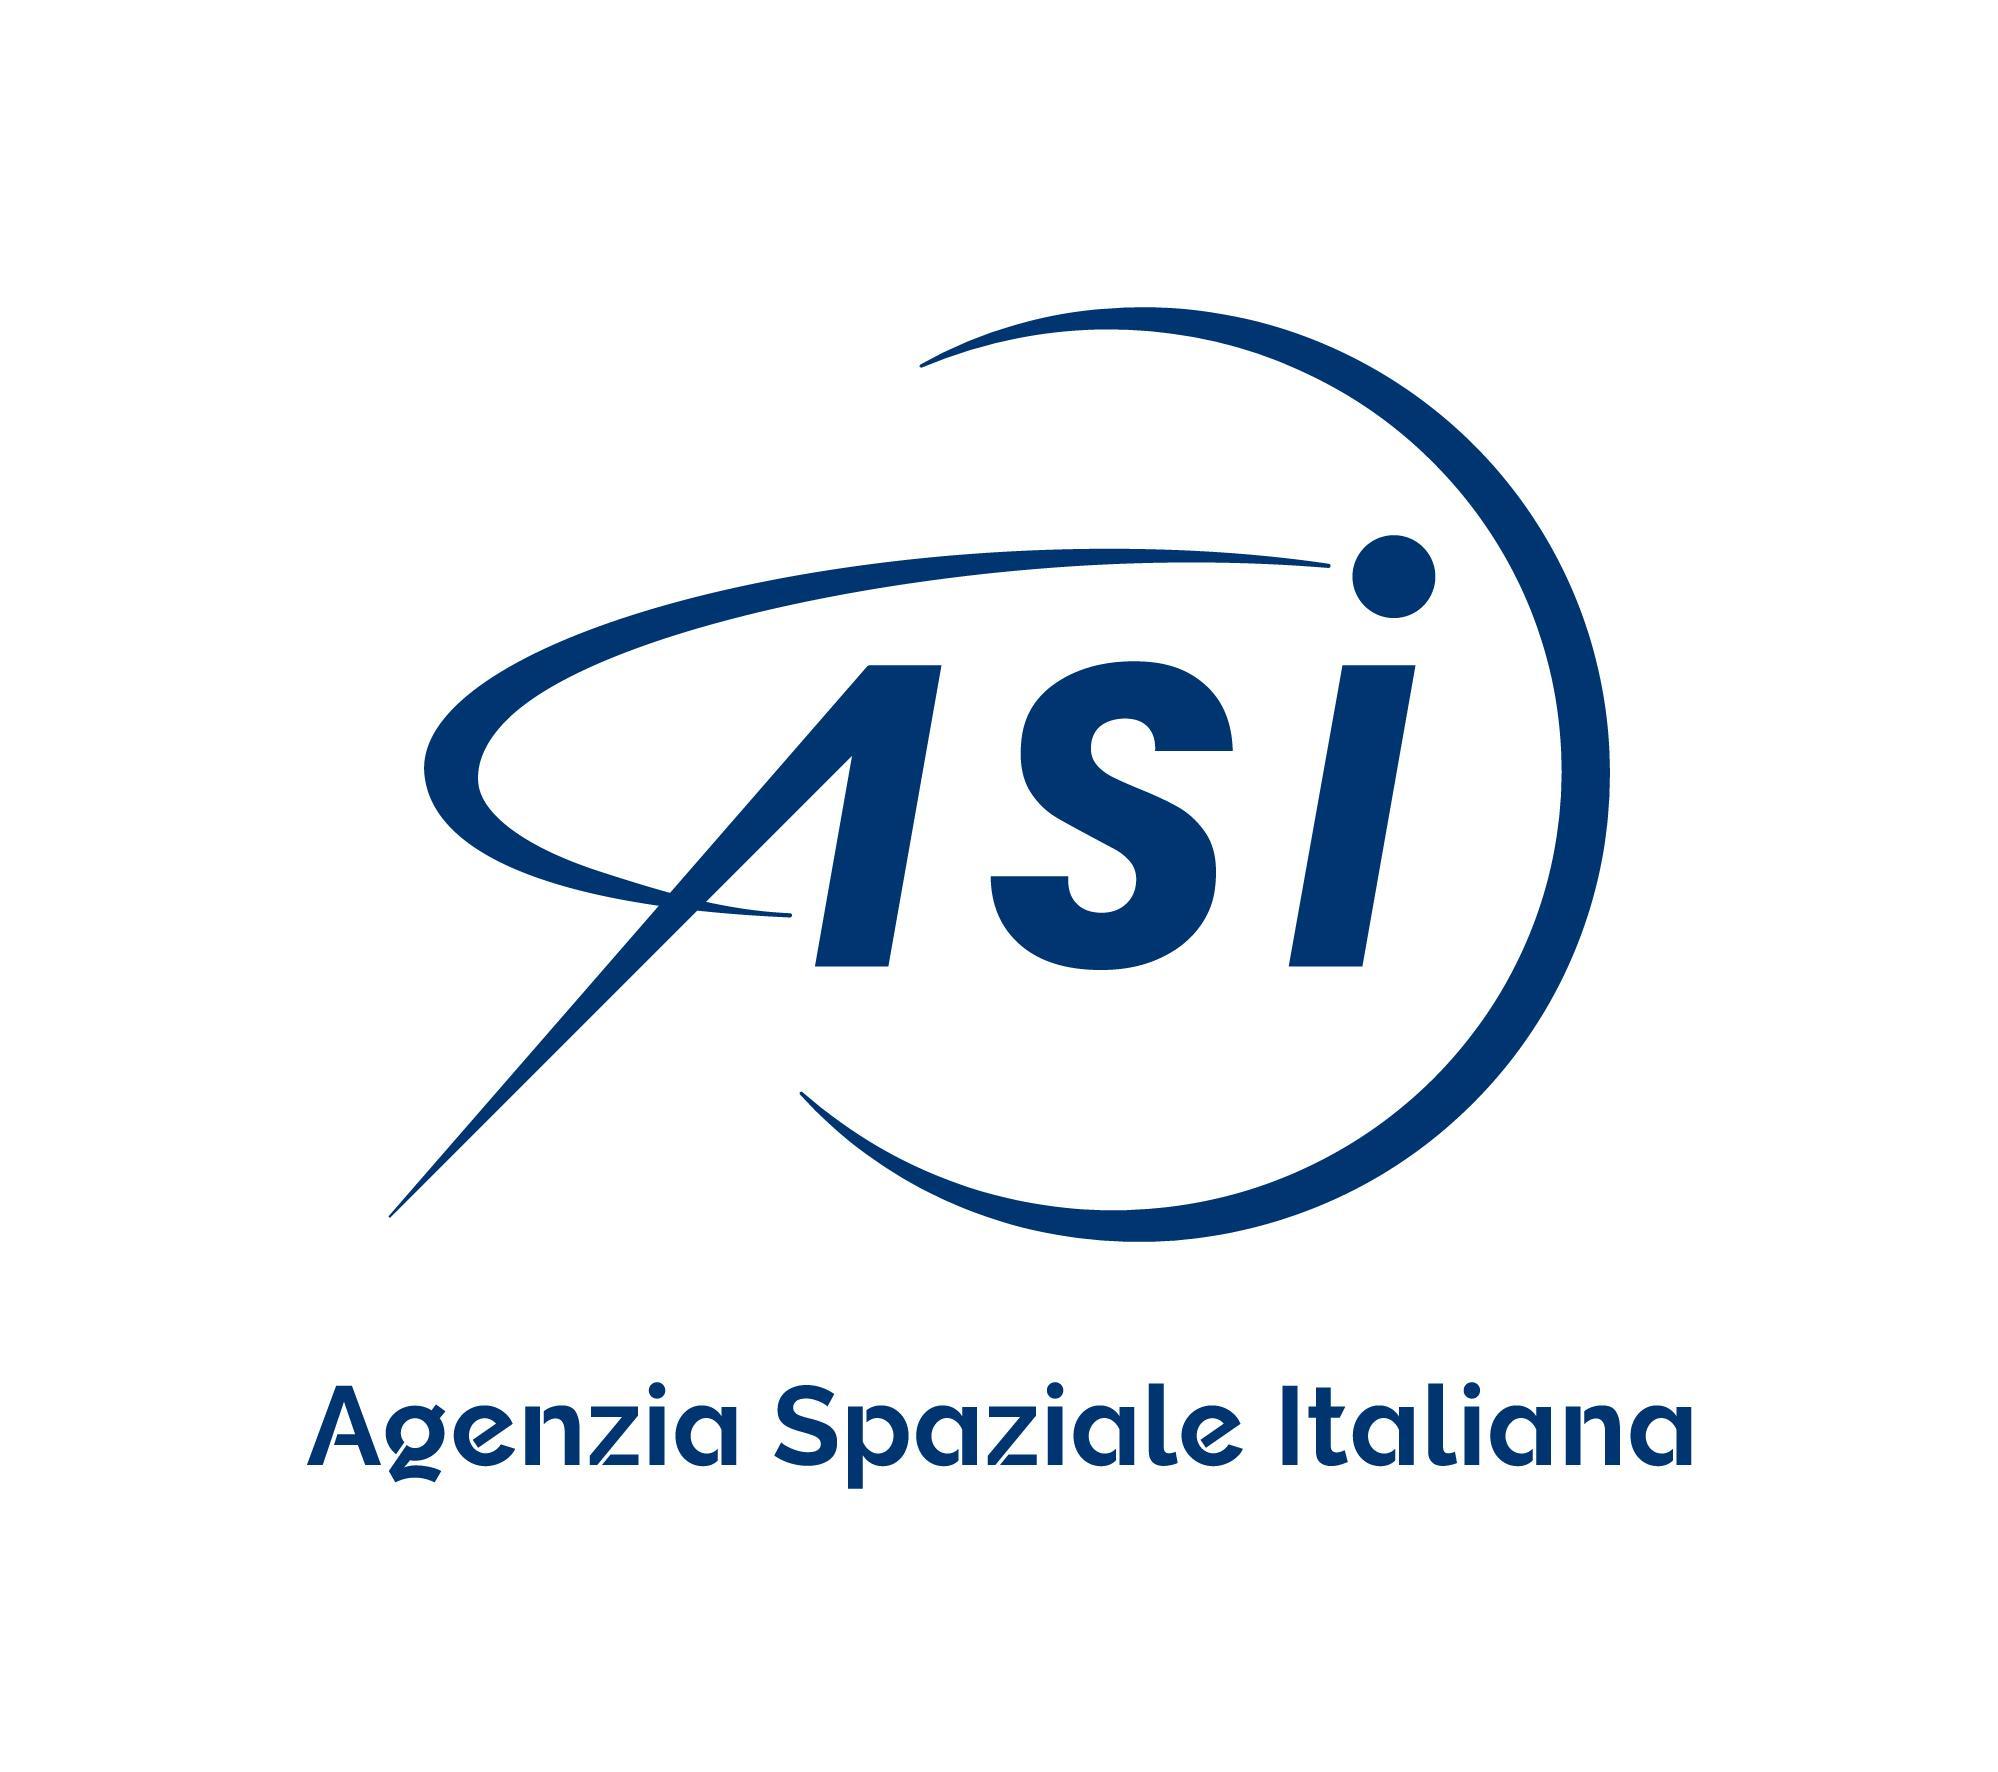 Intelligenza artificiale e nuove missioni satellitari, Spazio, conoscenza e genialità a tutela dell'ambiente.